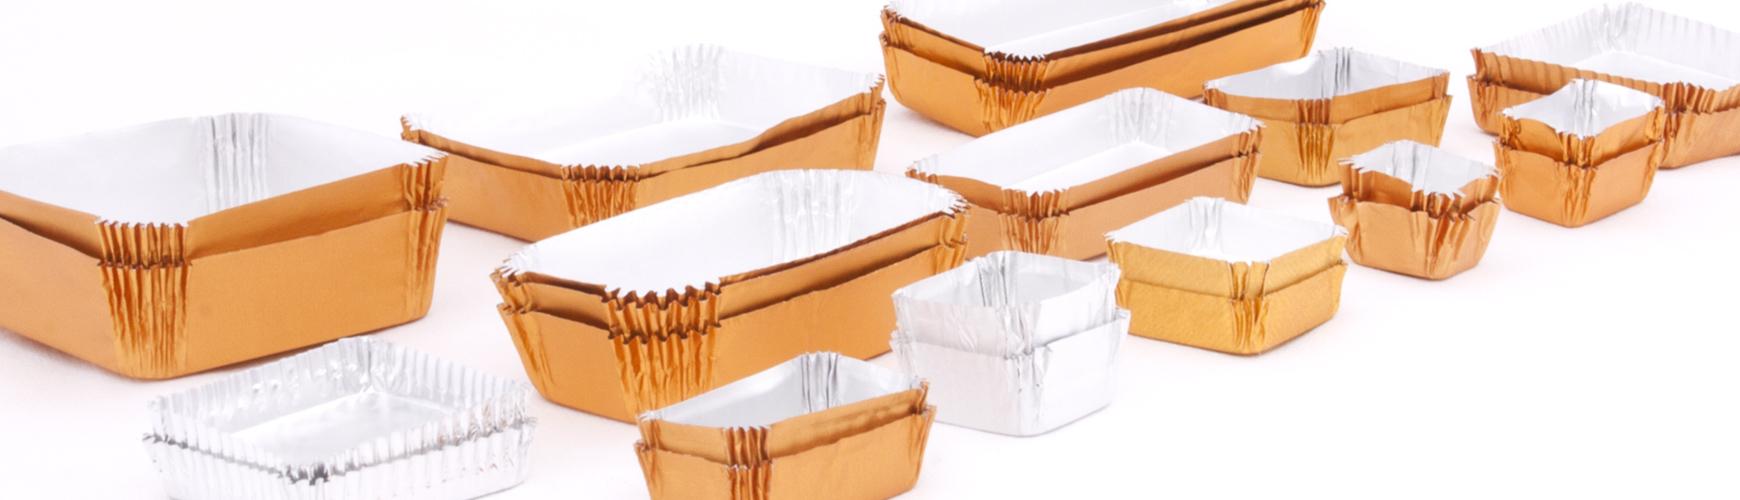 packaging para pastelería